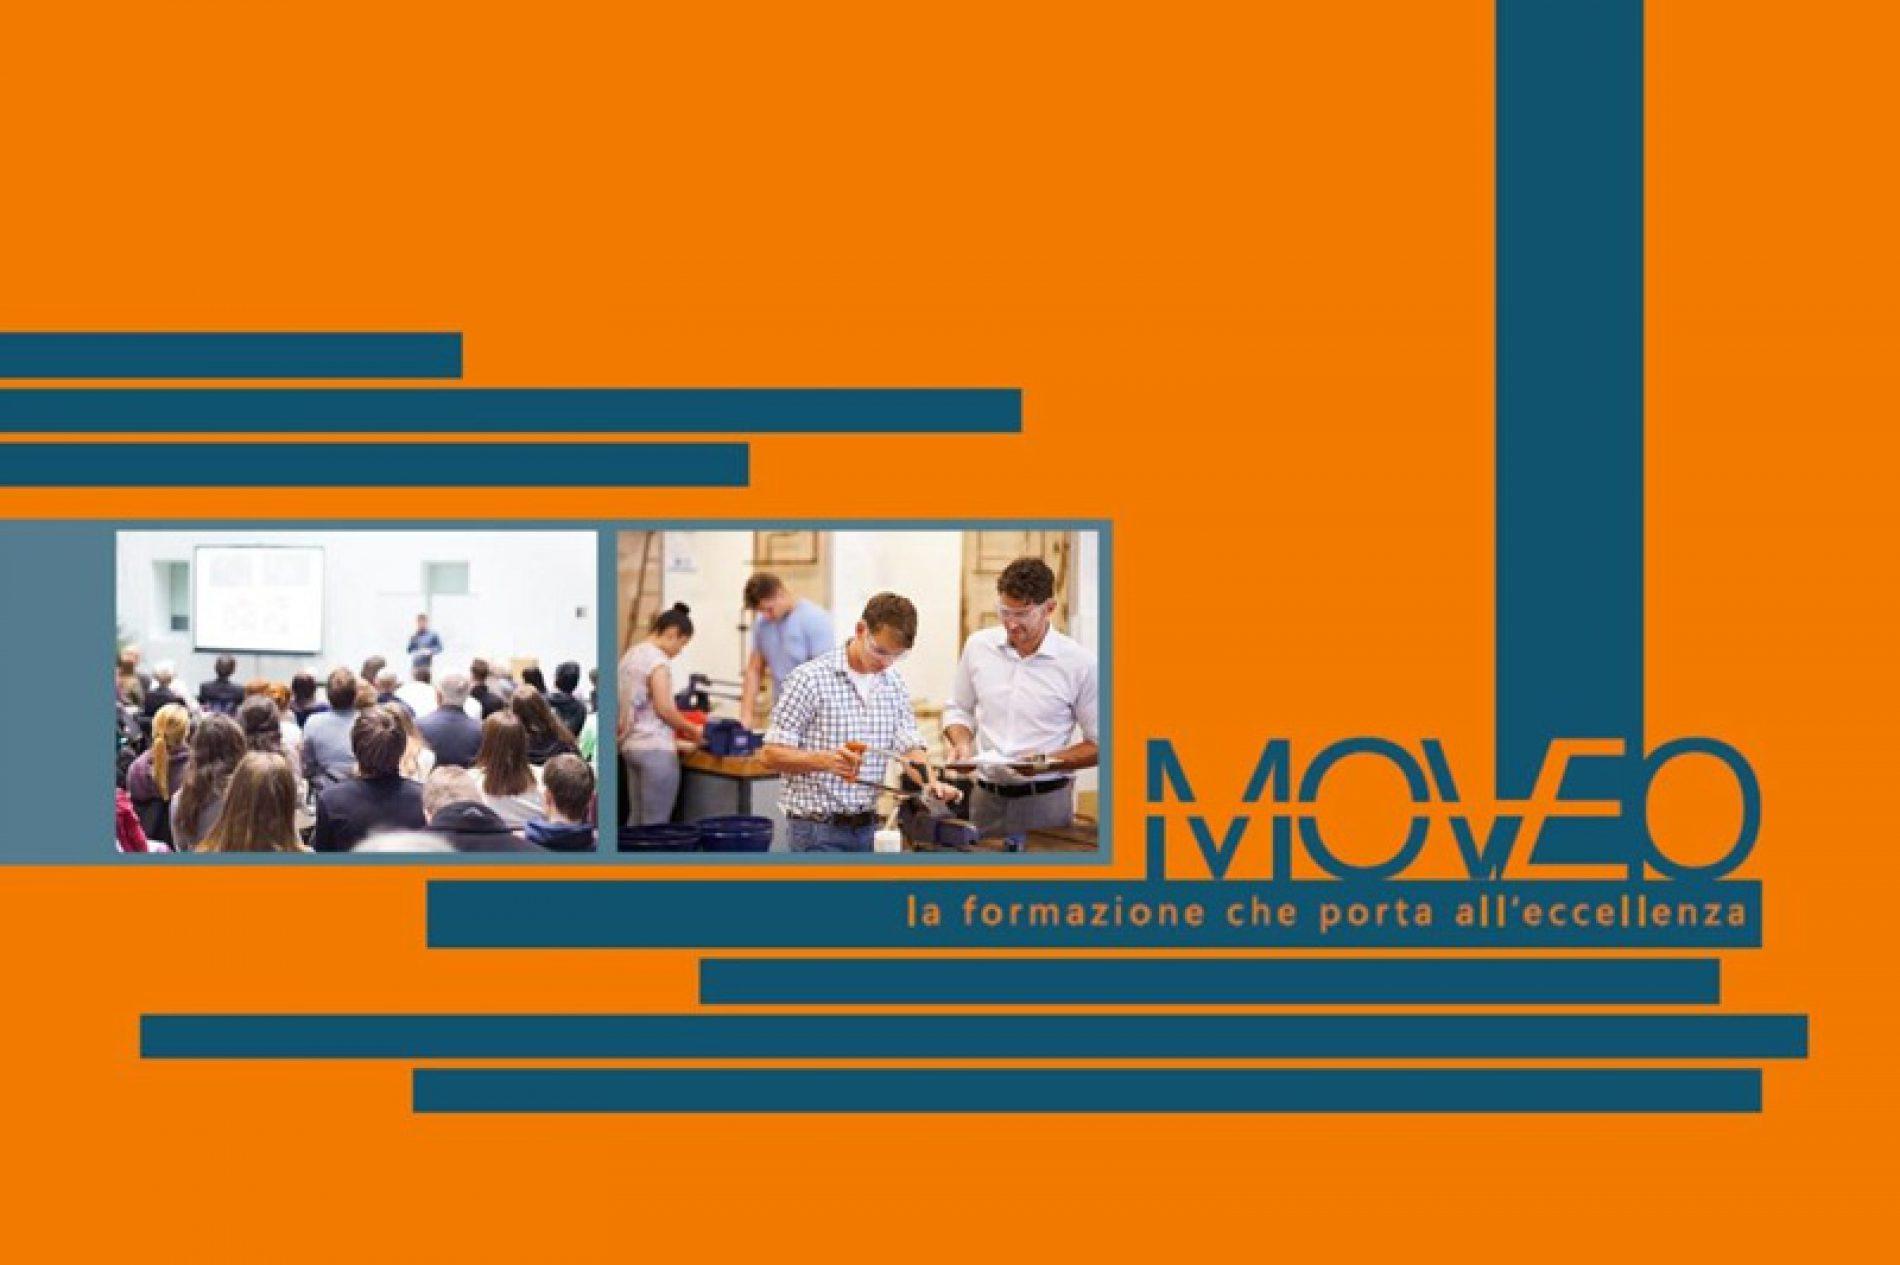 Vi presento Moveo, il binario unico che porta all'eccellenza